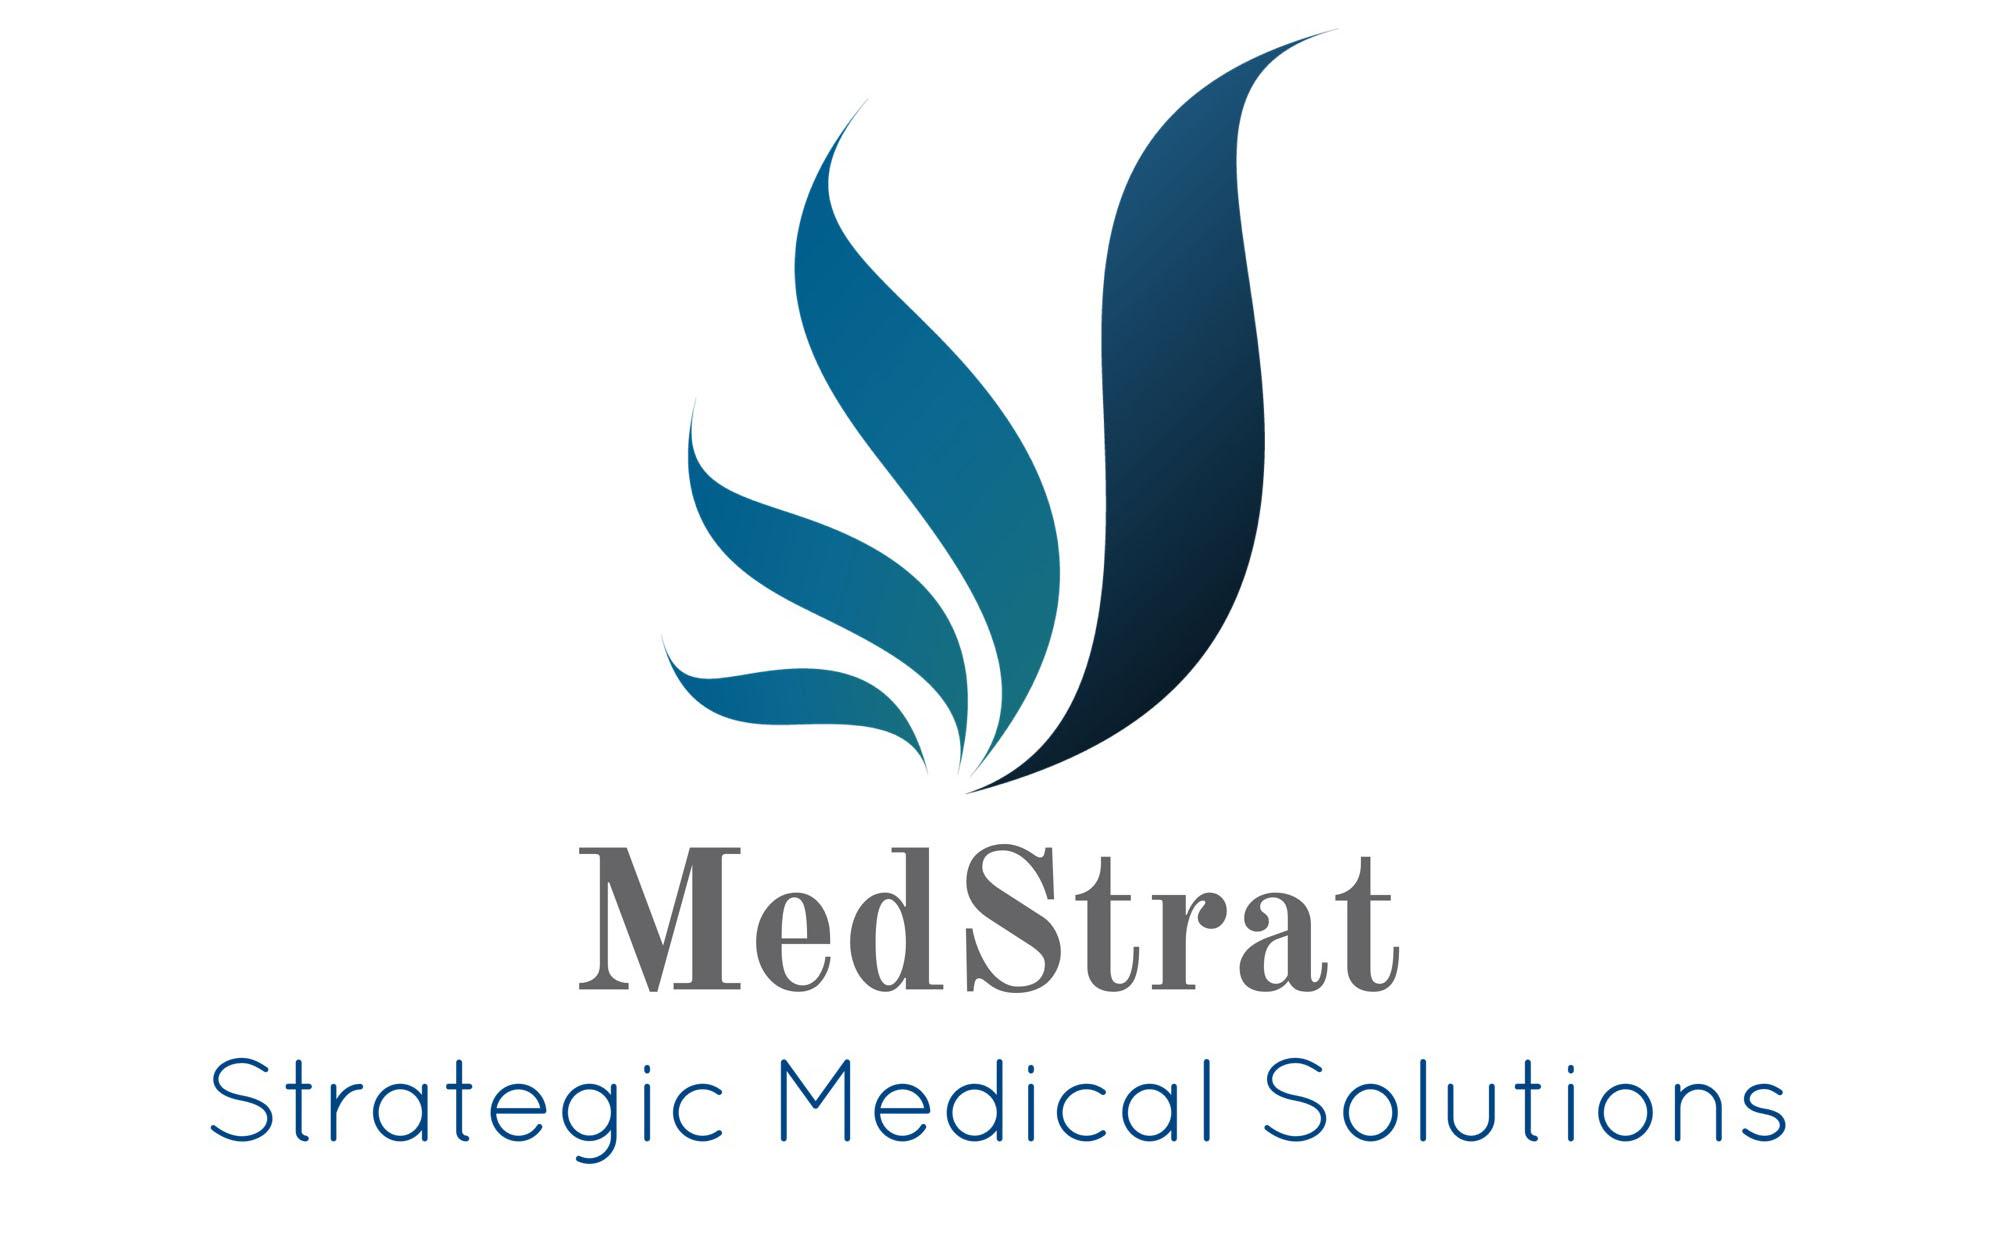 Medstrat